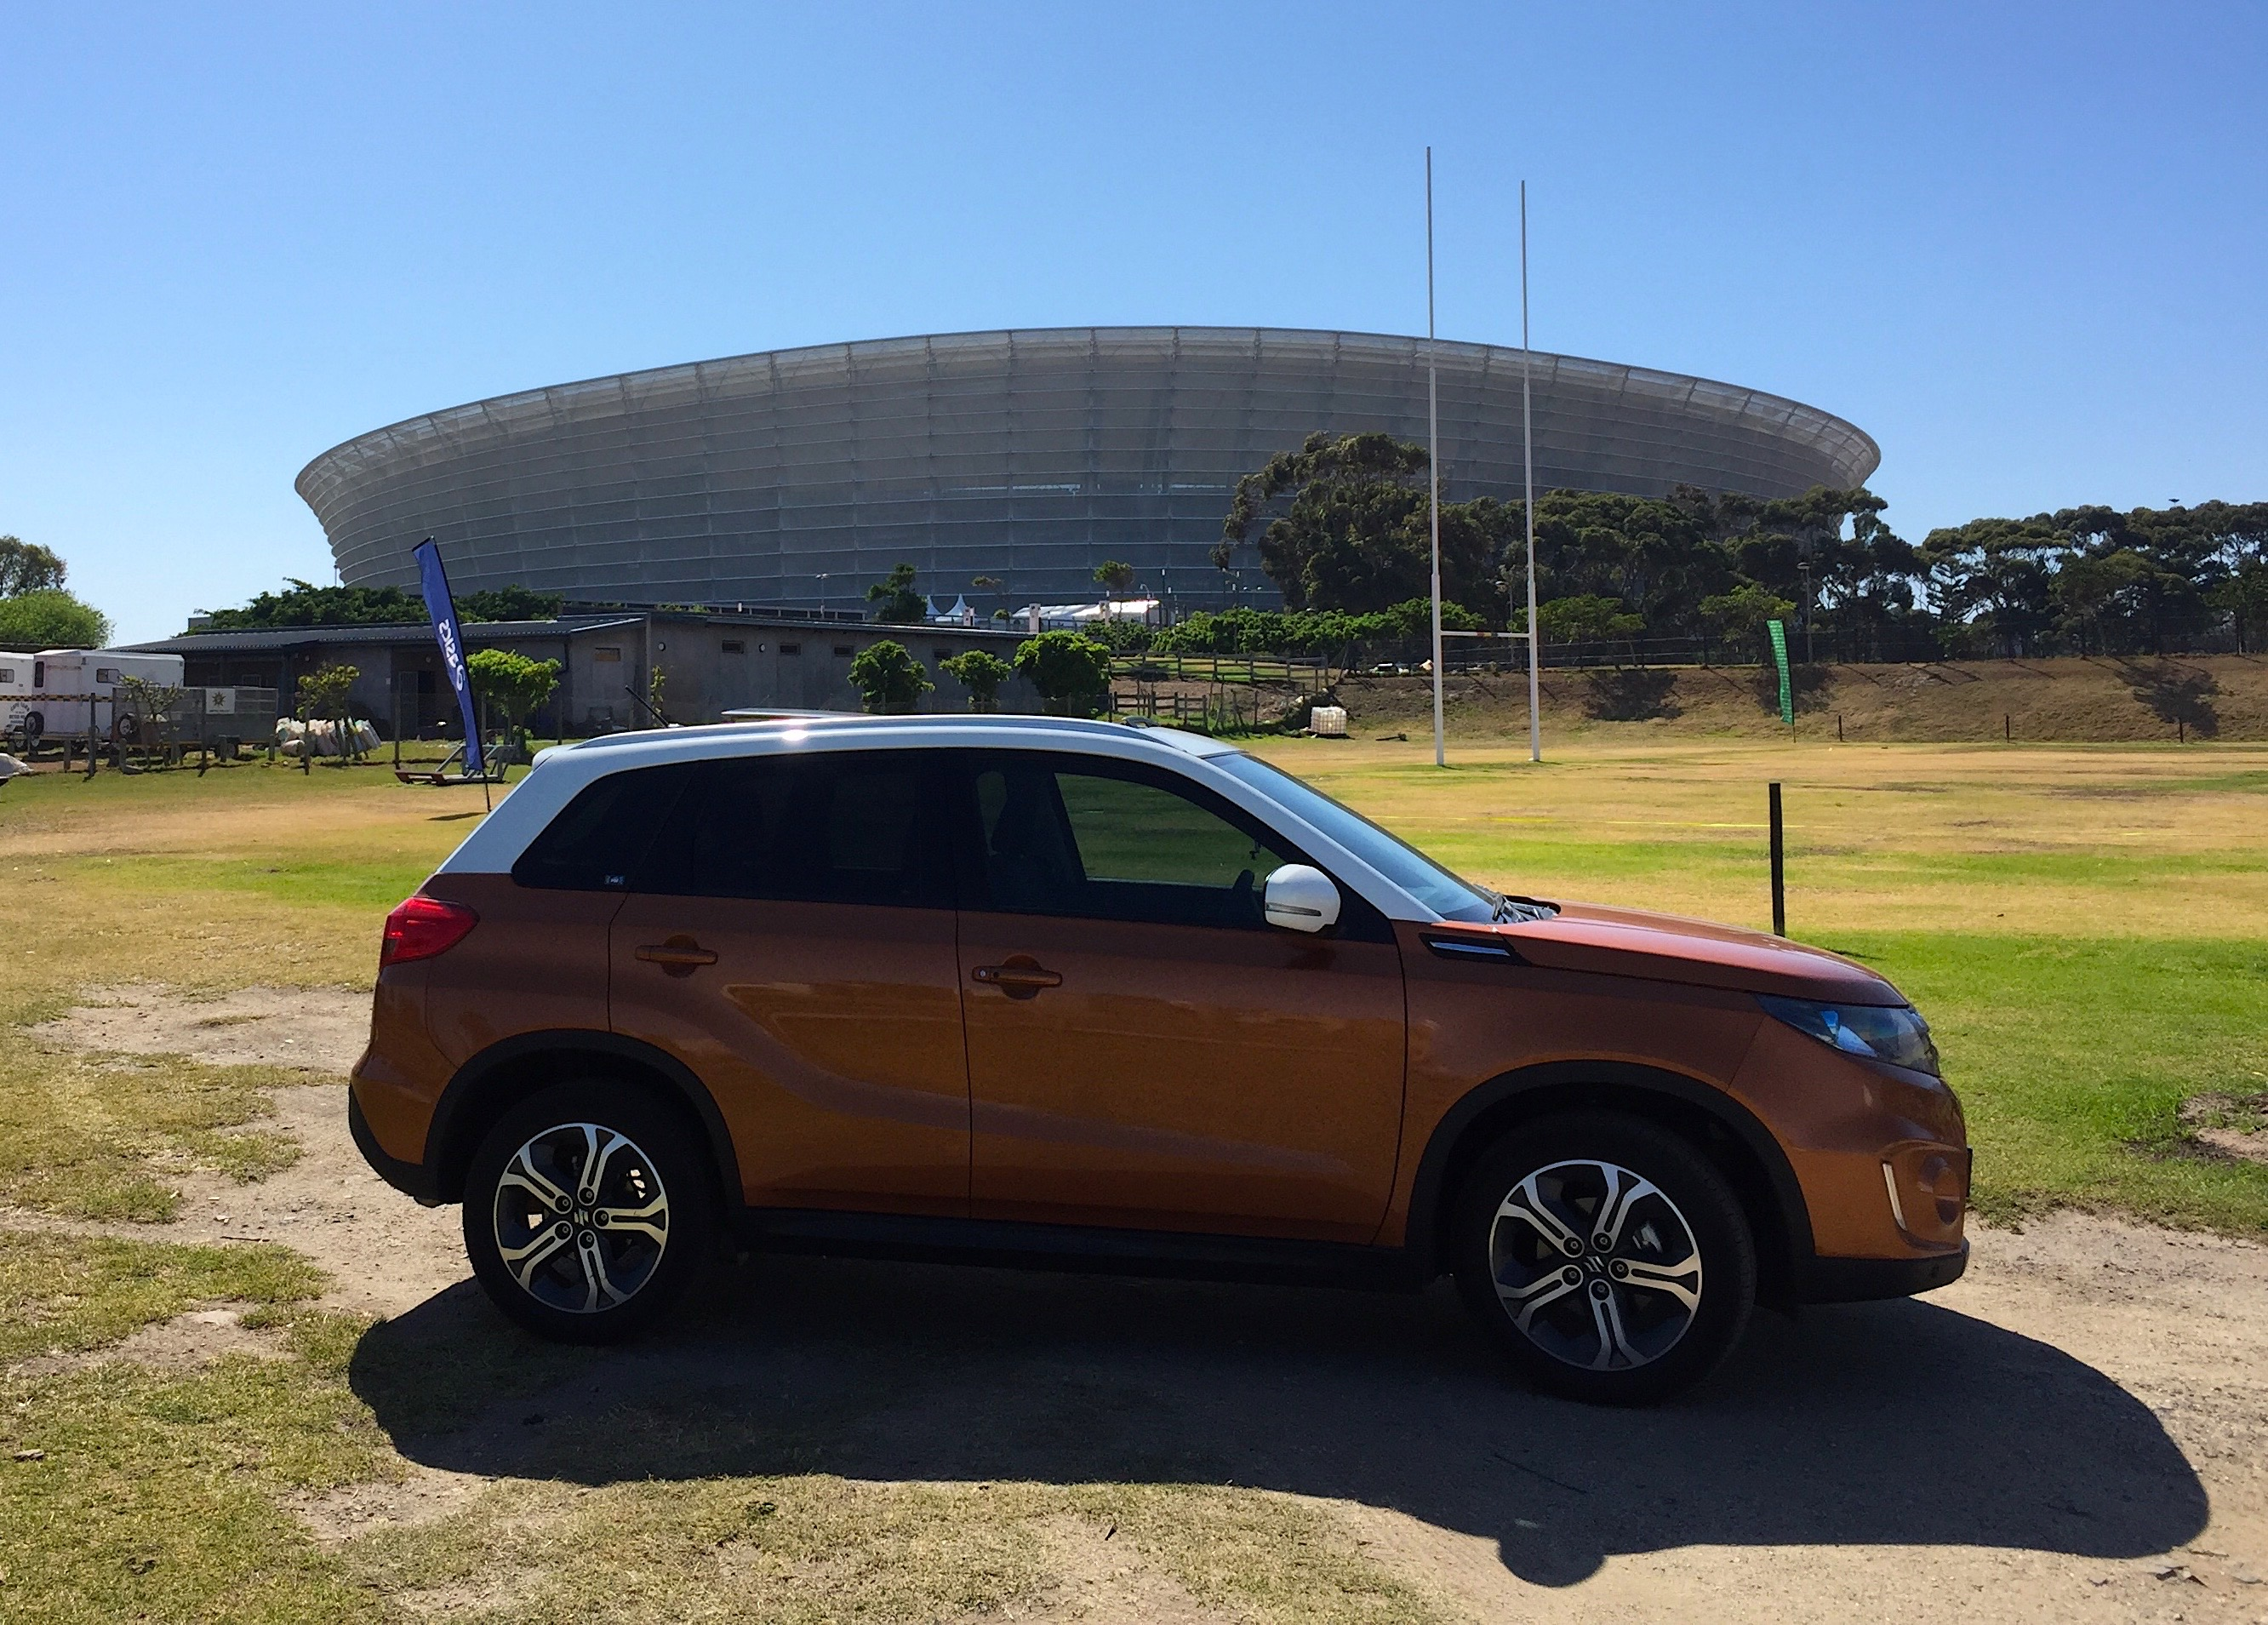 Suzuki Viatara outside Greenpoint Stadium